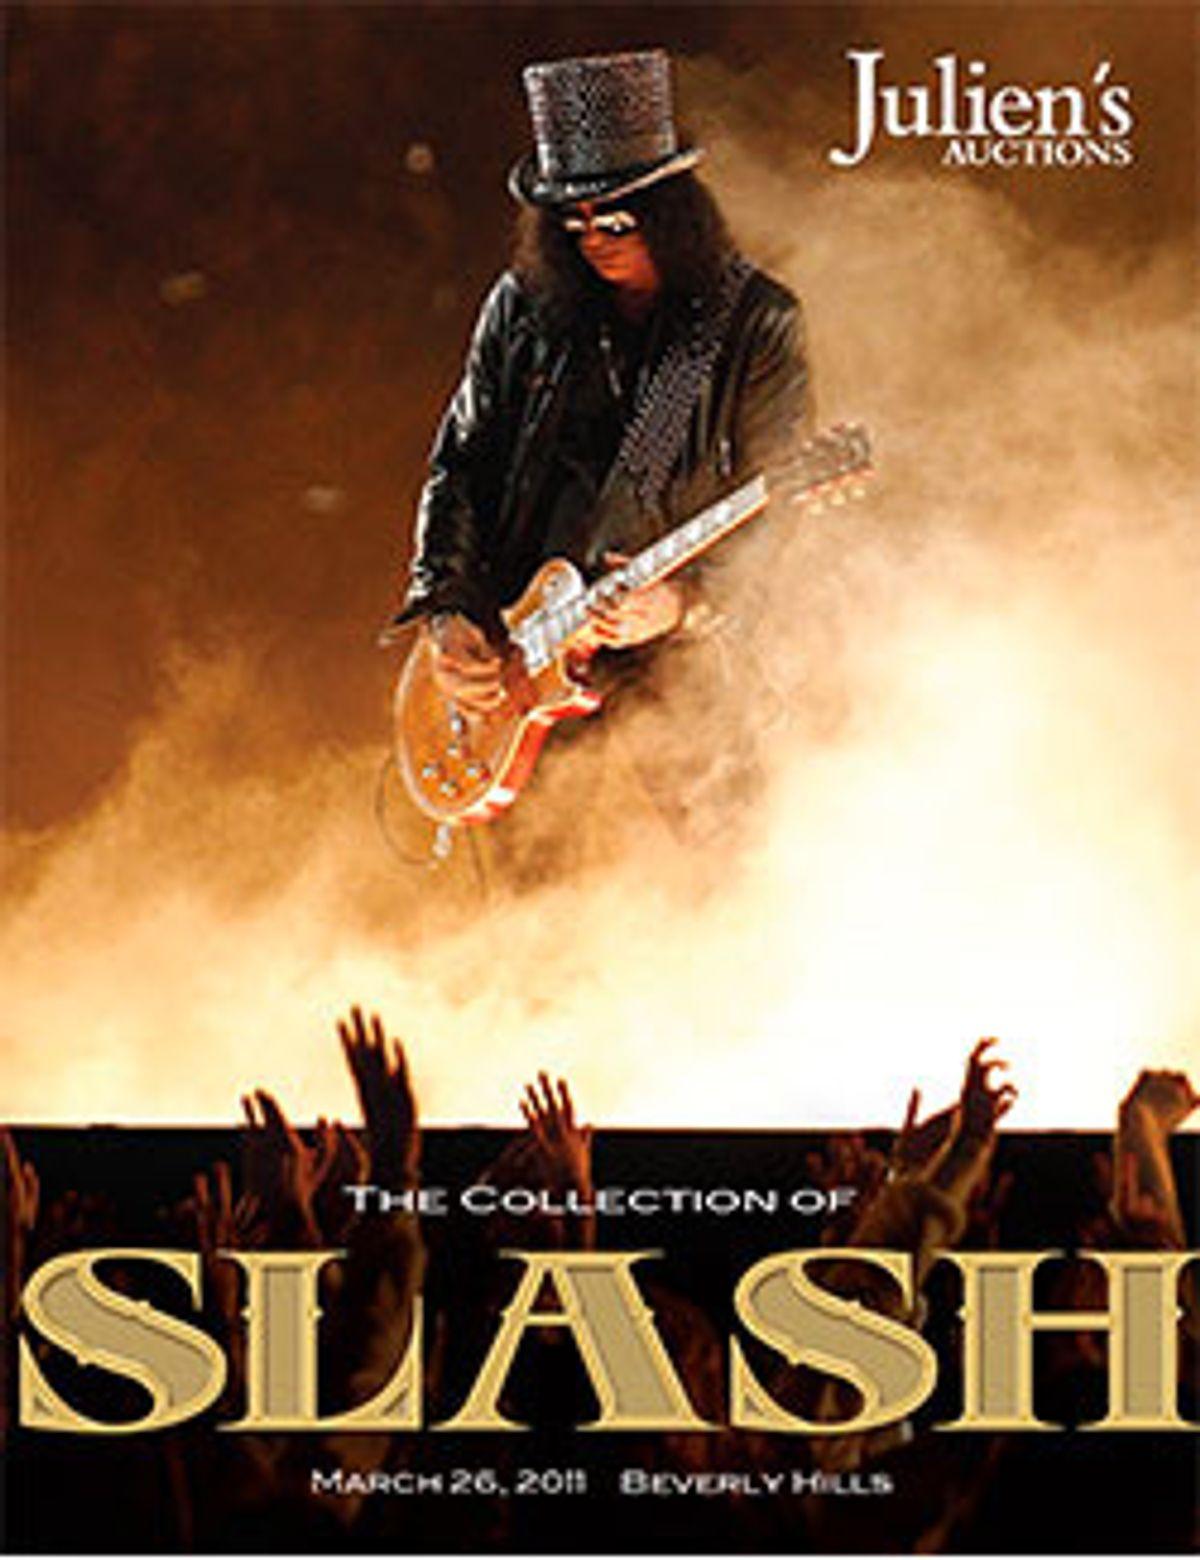 Julien's Auctions Announces Auction of Slash Collection